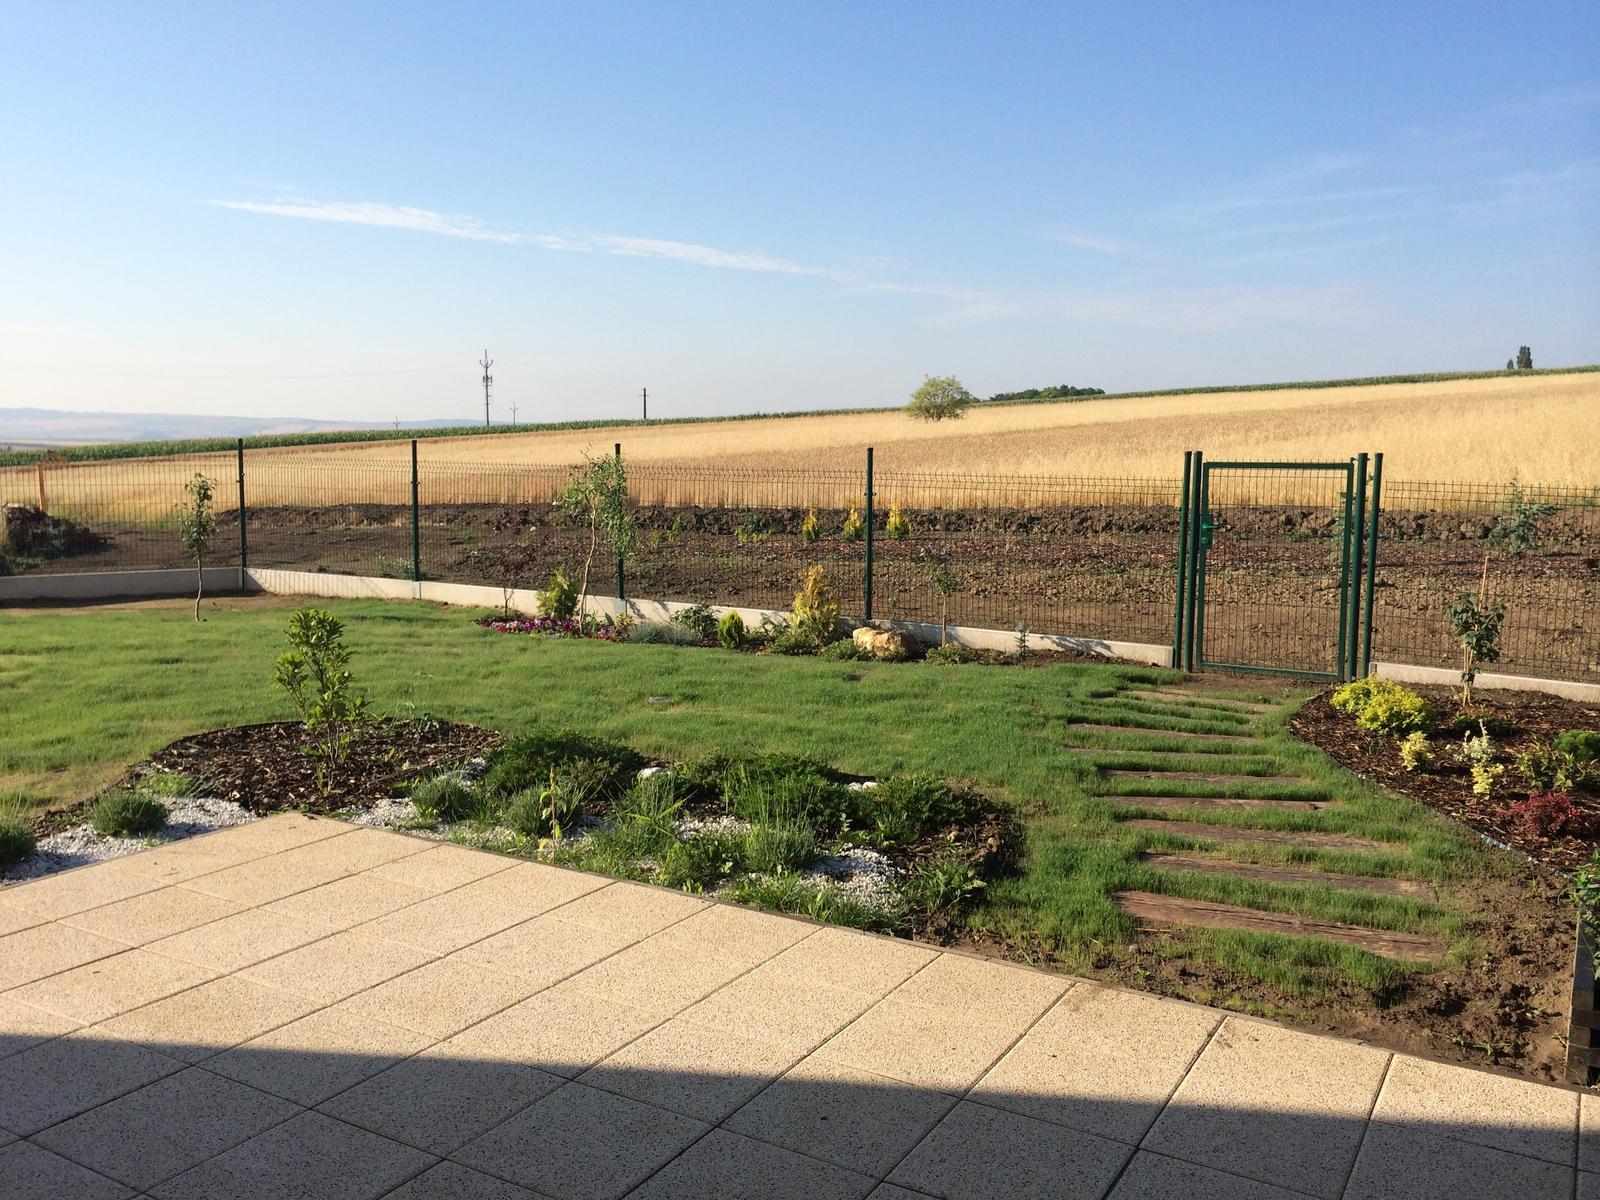 Zahrada- jak to vsechno zacalo.. - 10.den a vypada to ze travniku pisek svedci :)